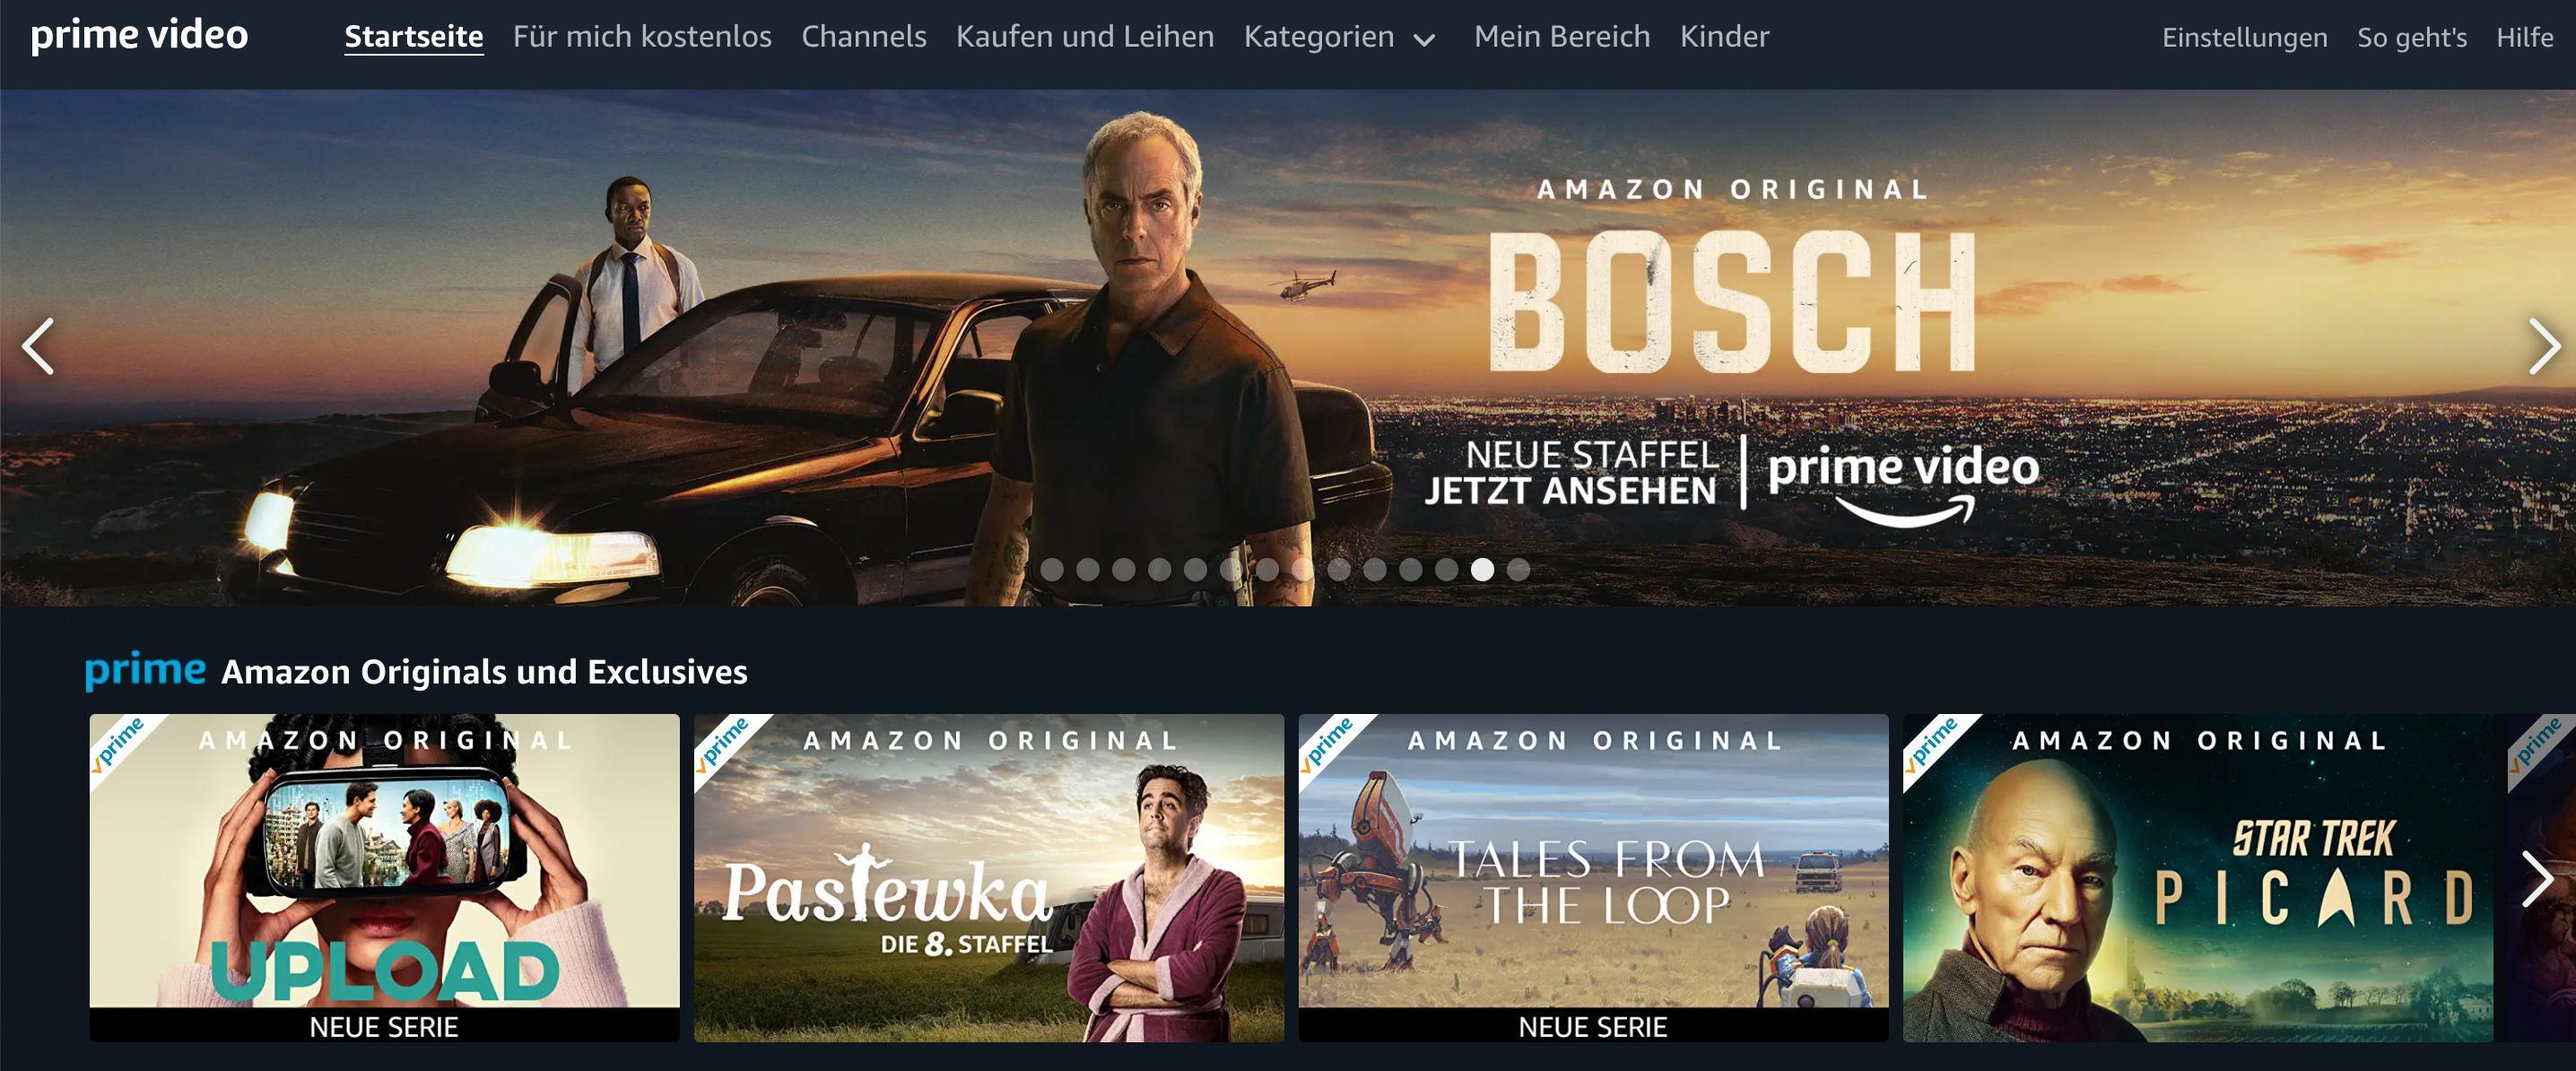 Bosch ist eine der Serien, die Amazon seit Jahren selbst produziert. |Bild: Amazon